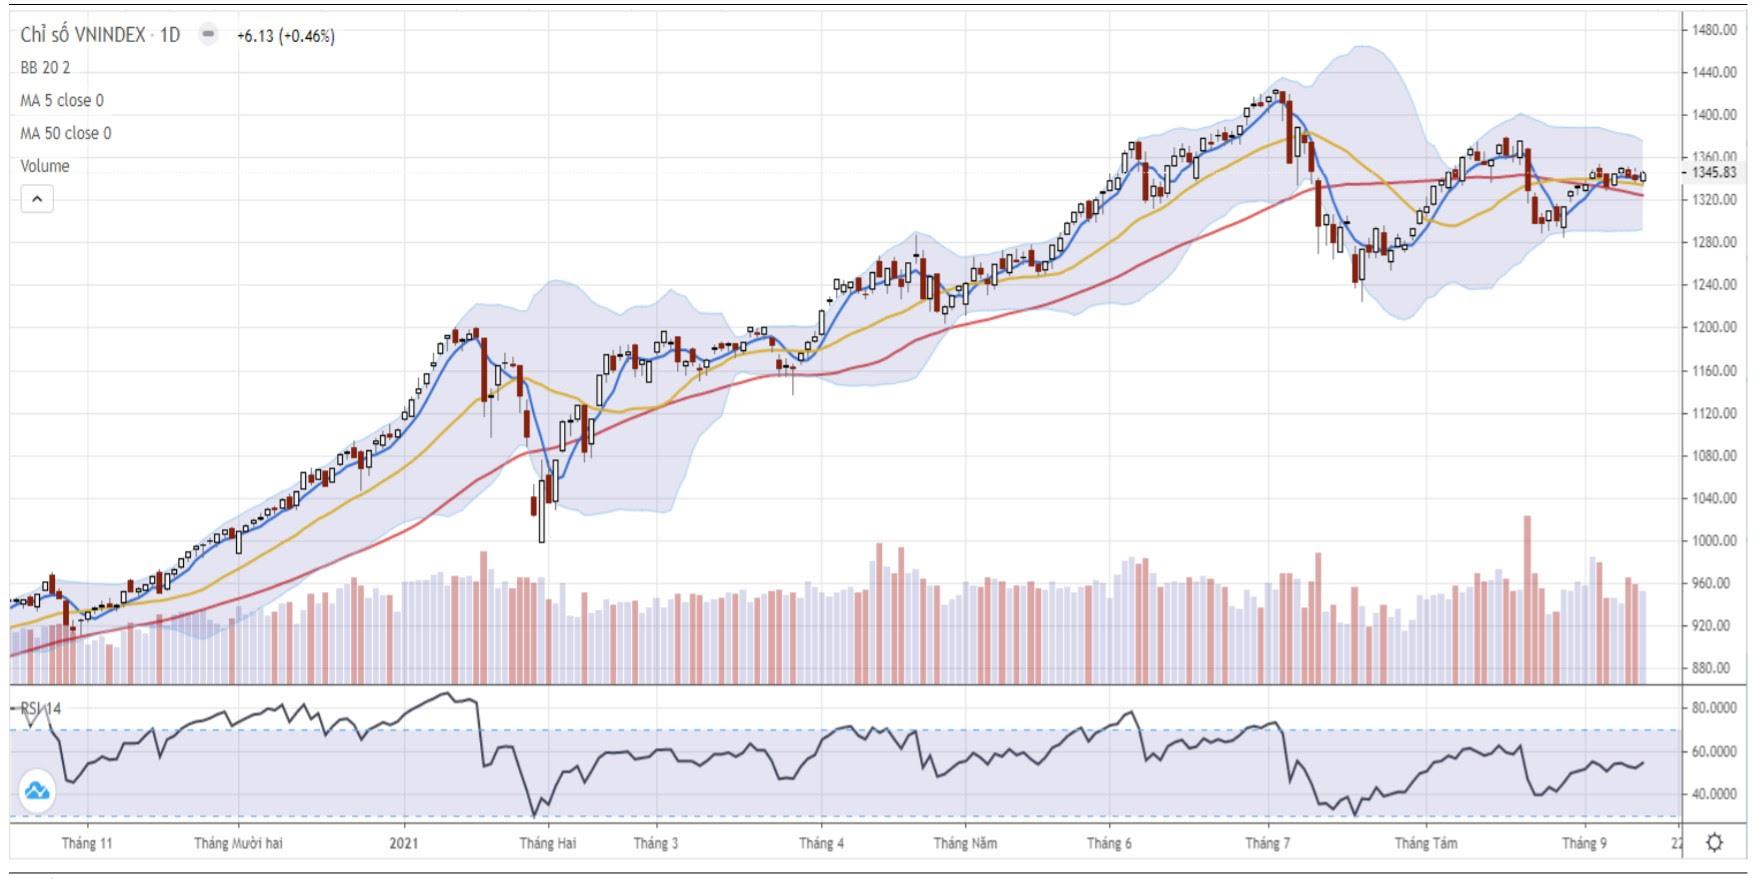 Nhận định thị trường chứng khoán ngày 16/9: Thử thách vùng cản gần quanh 1.355 - 1.365